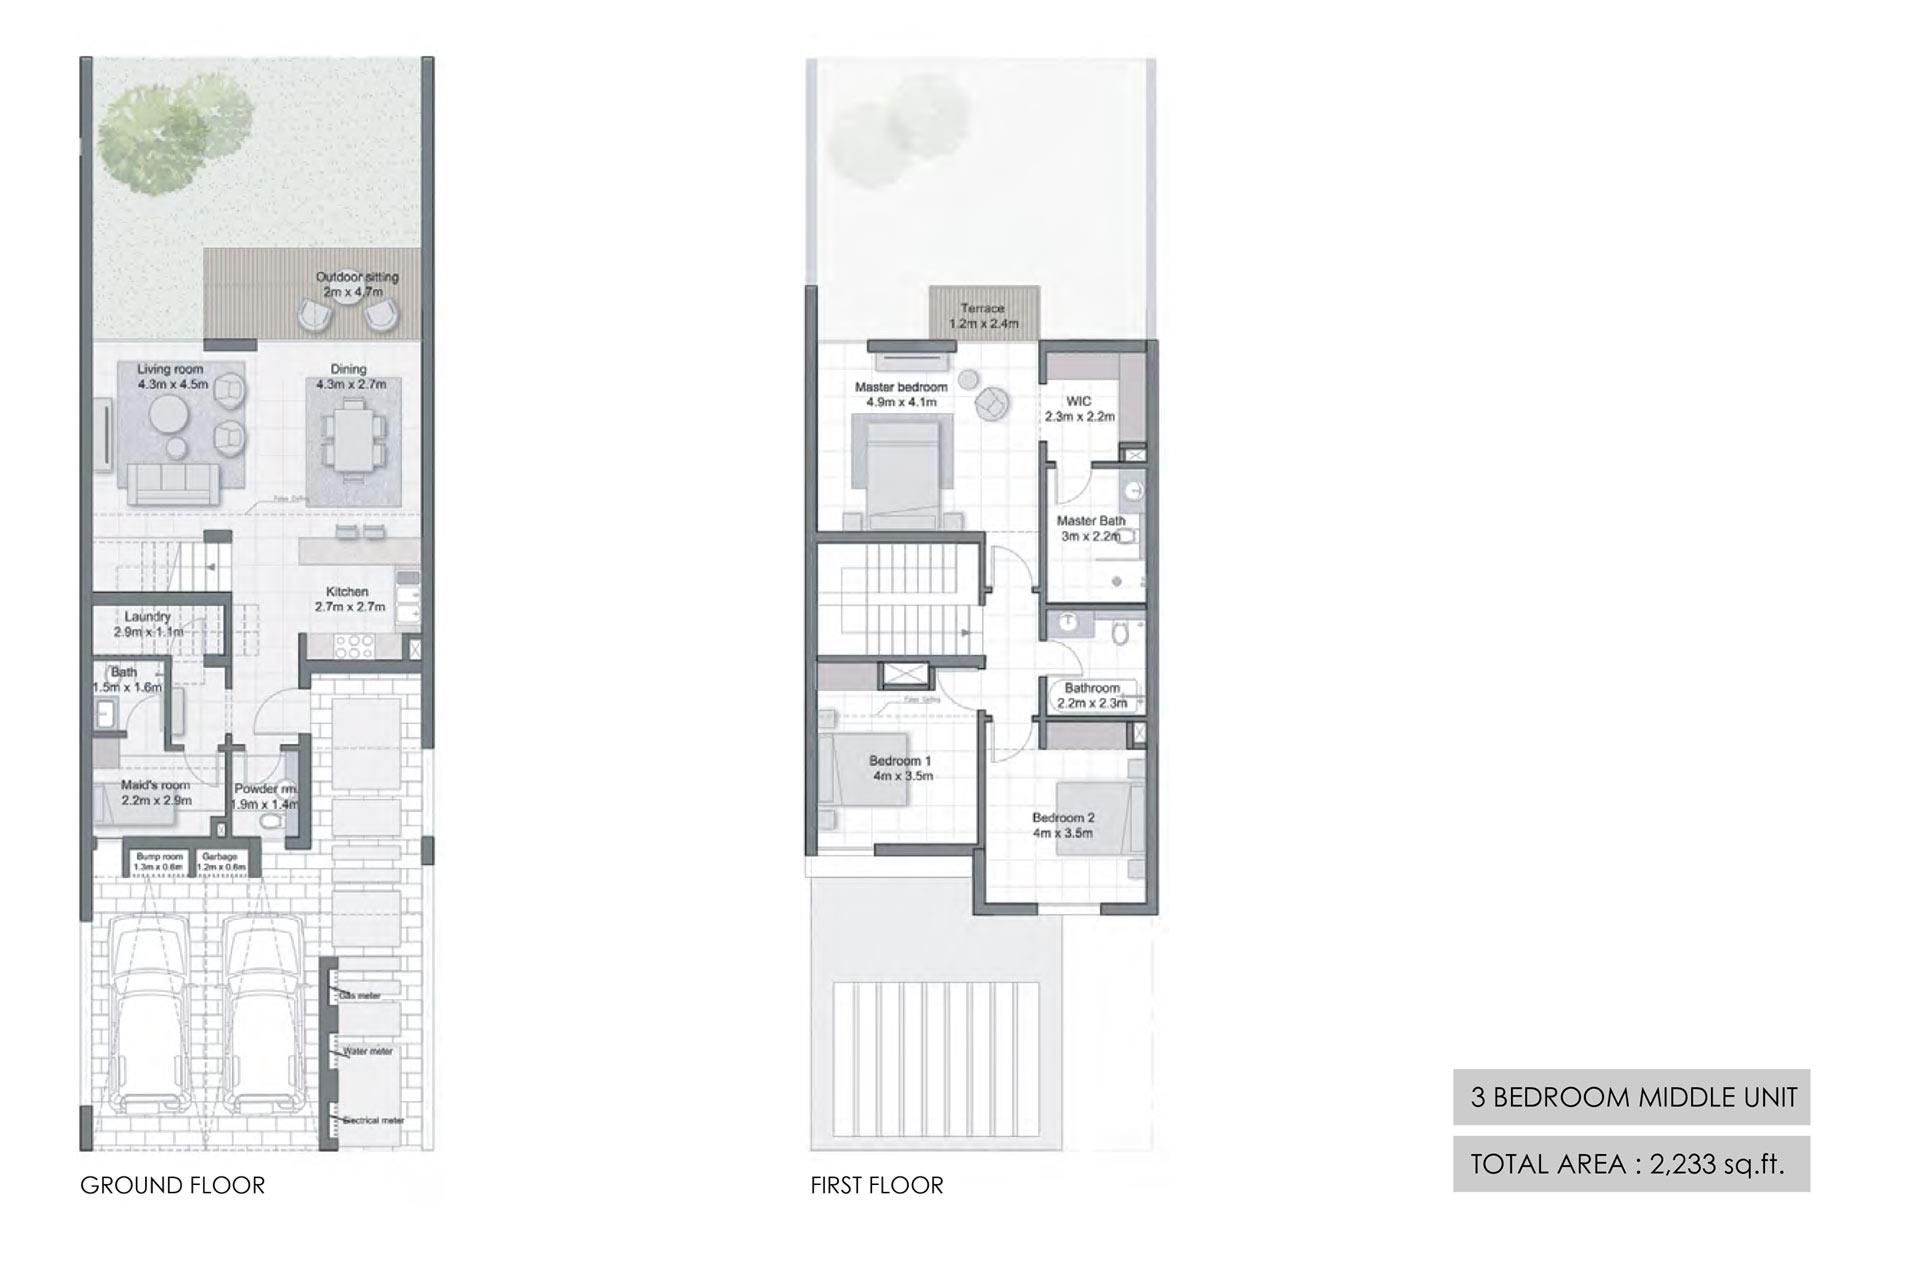 ثلاث غرف نوم، وحدة وسطية، حجم 2233 قدم مربع